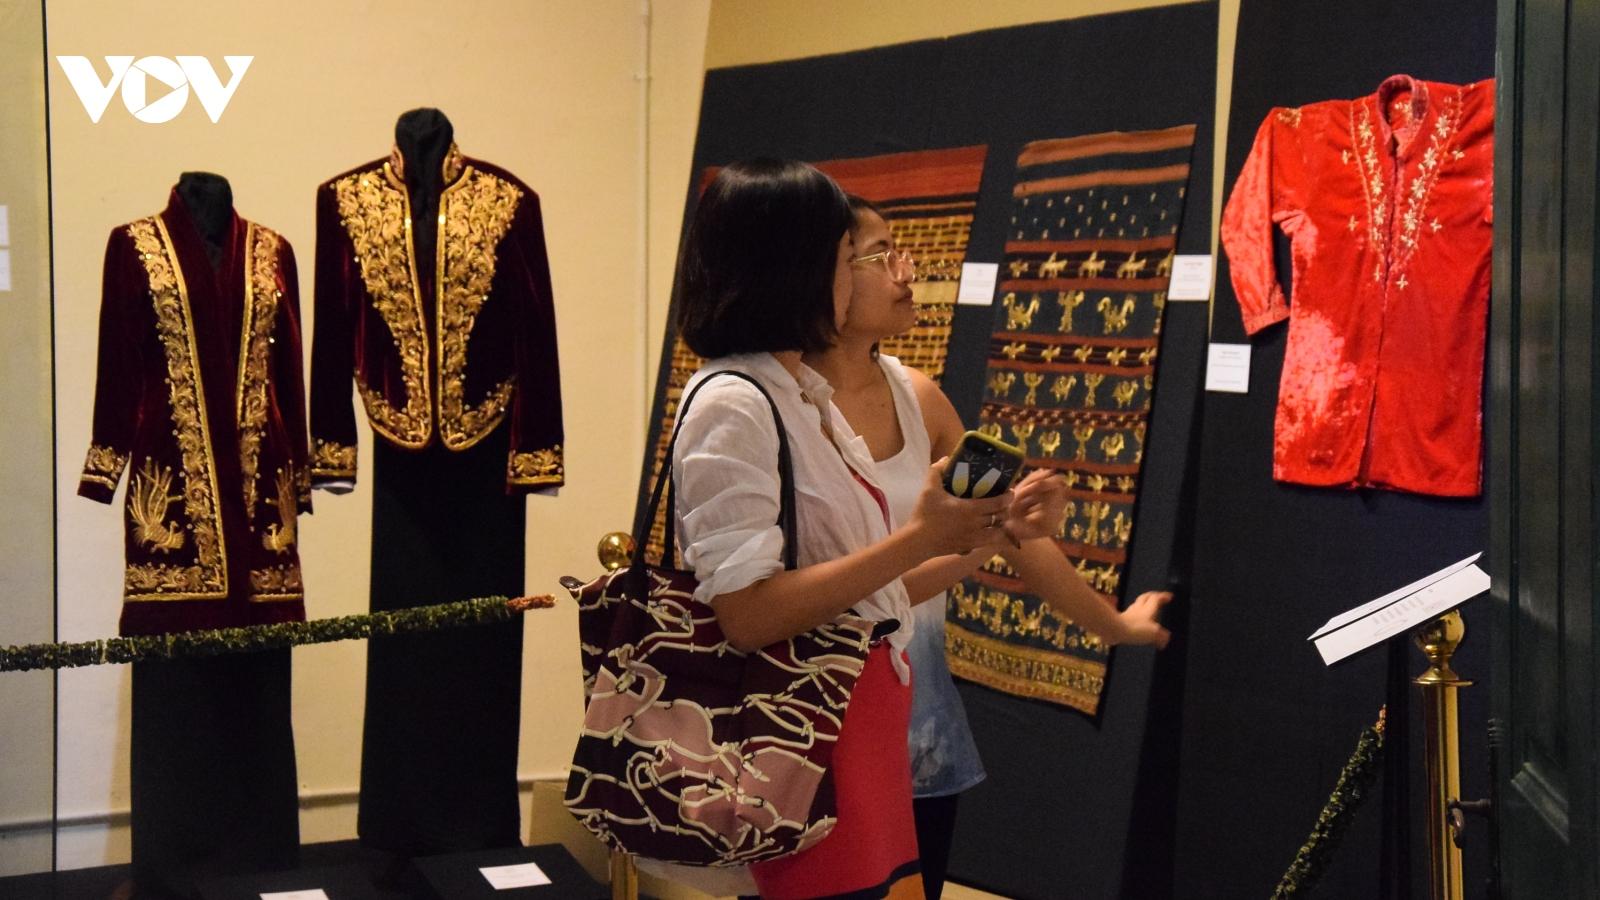 Bảo tàng dệt may- nơi bảo tồn và giới thiệu di sản văn hoá Indonesia